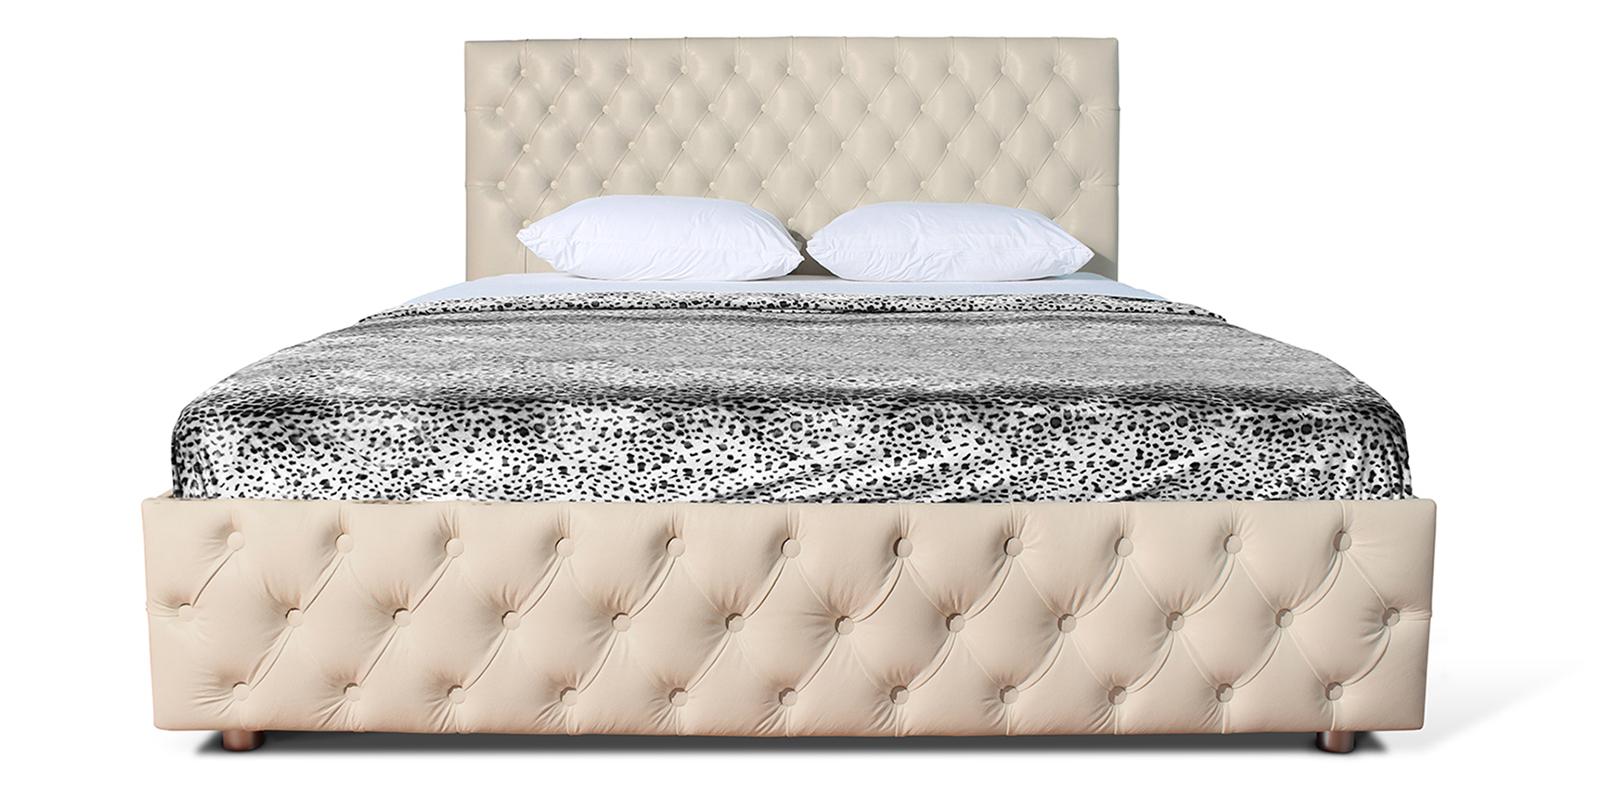 Мягкая кровать 200х160 Малибу вариант №4 с подъемным механизмом (Бежевый)